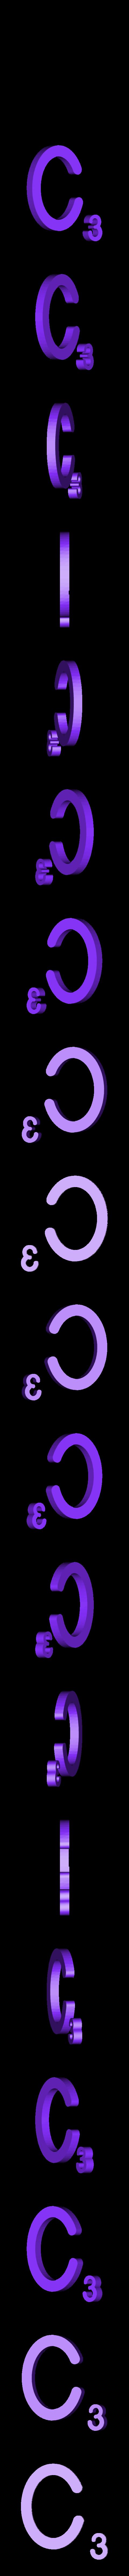 Dual_Letter_C.STL Télécharger fichier STL gratuit Pièces et support SCRABBBLE • Design pour imprimante 3D, Balkhagal4D